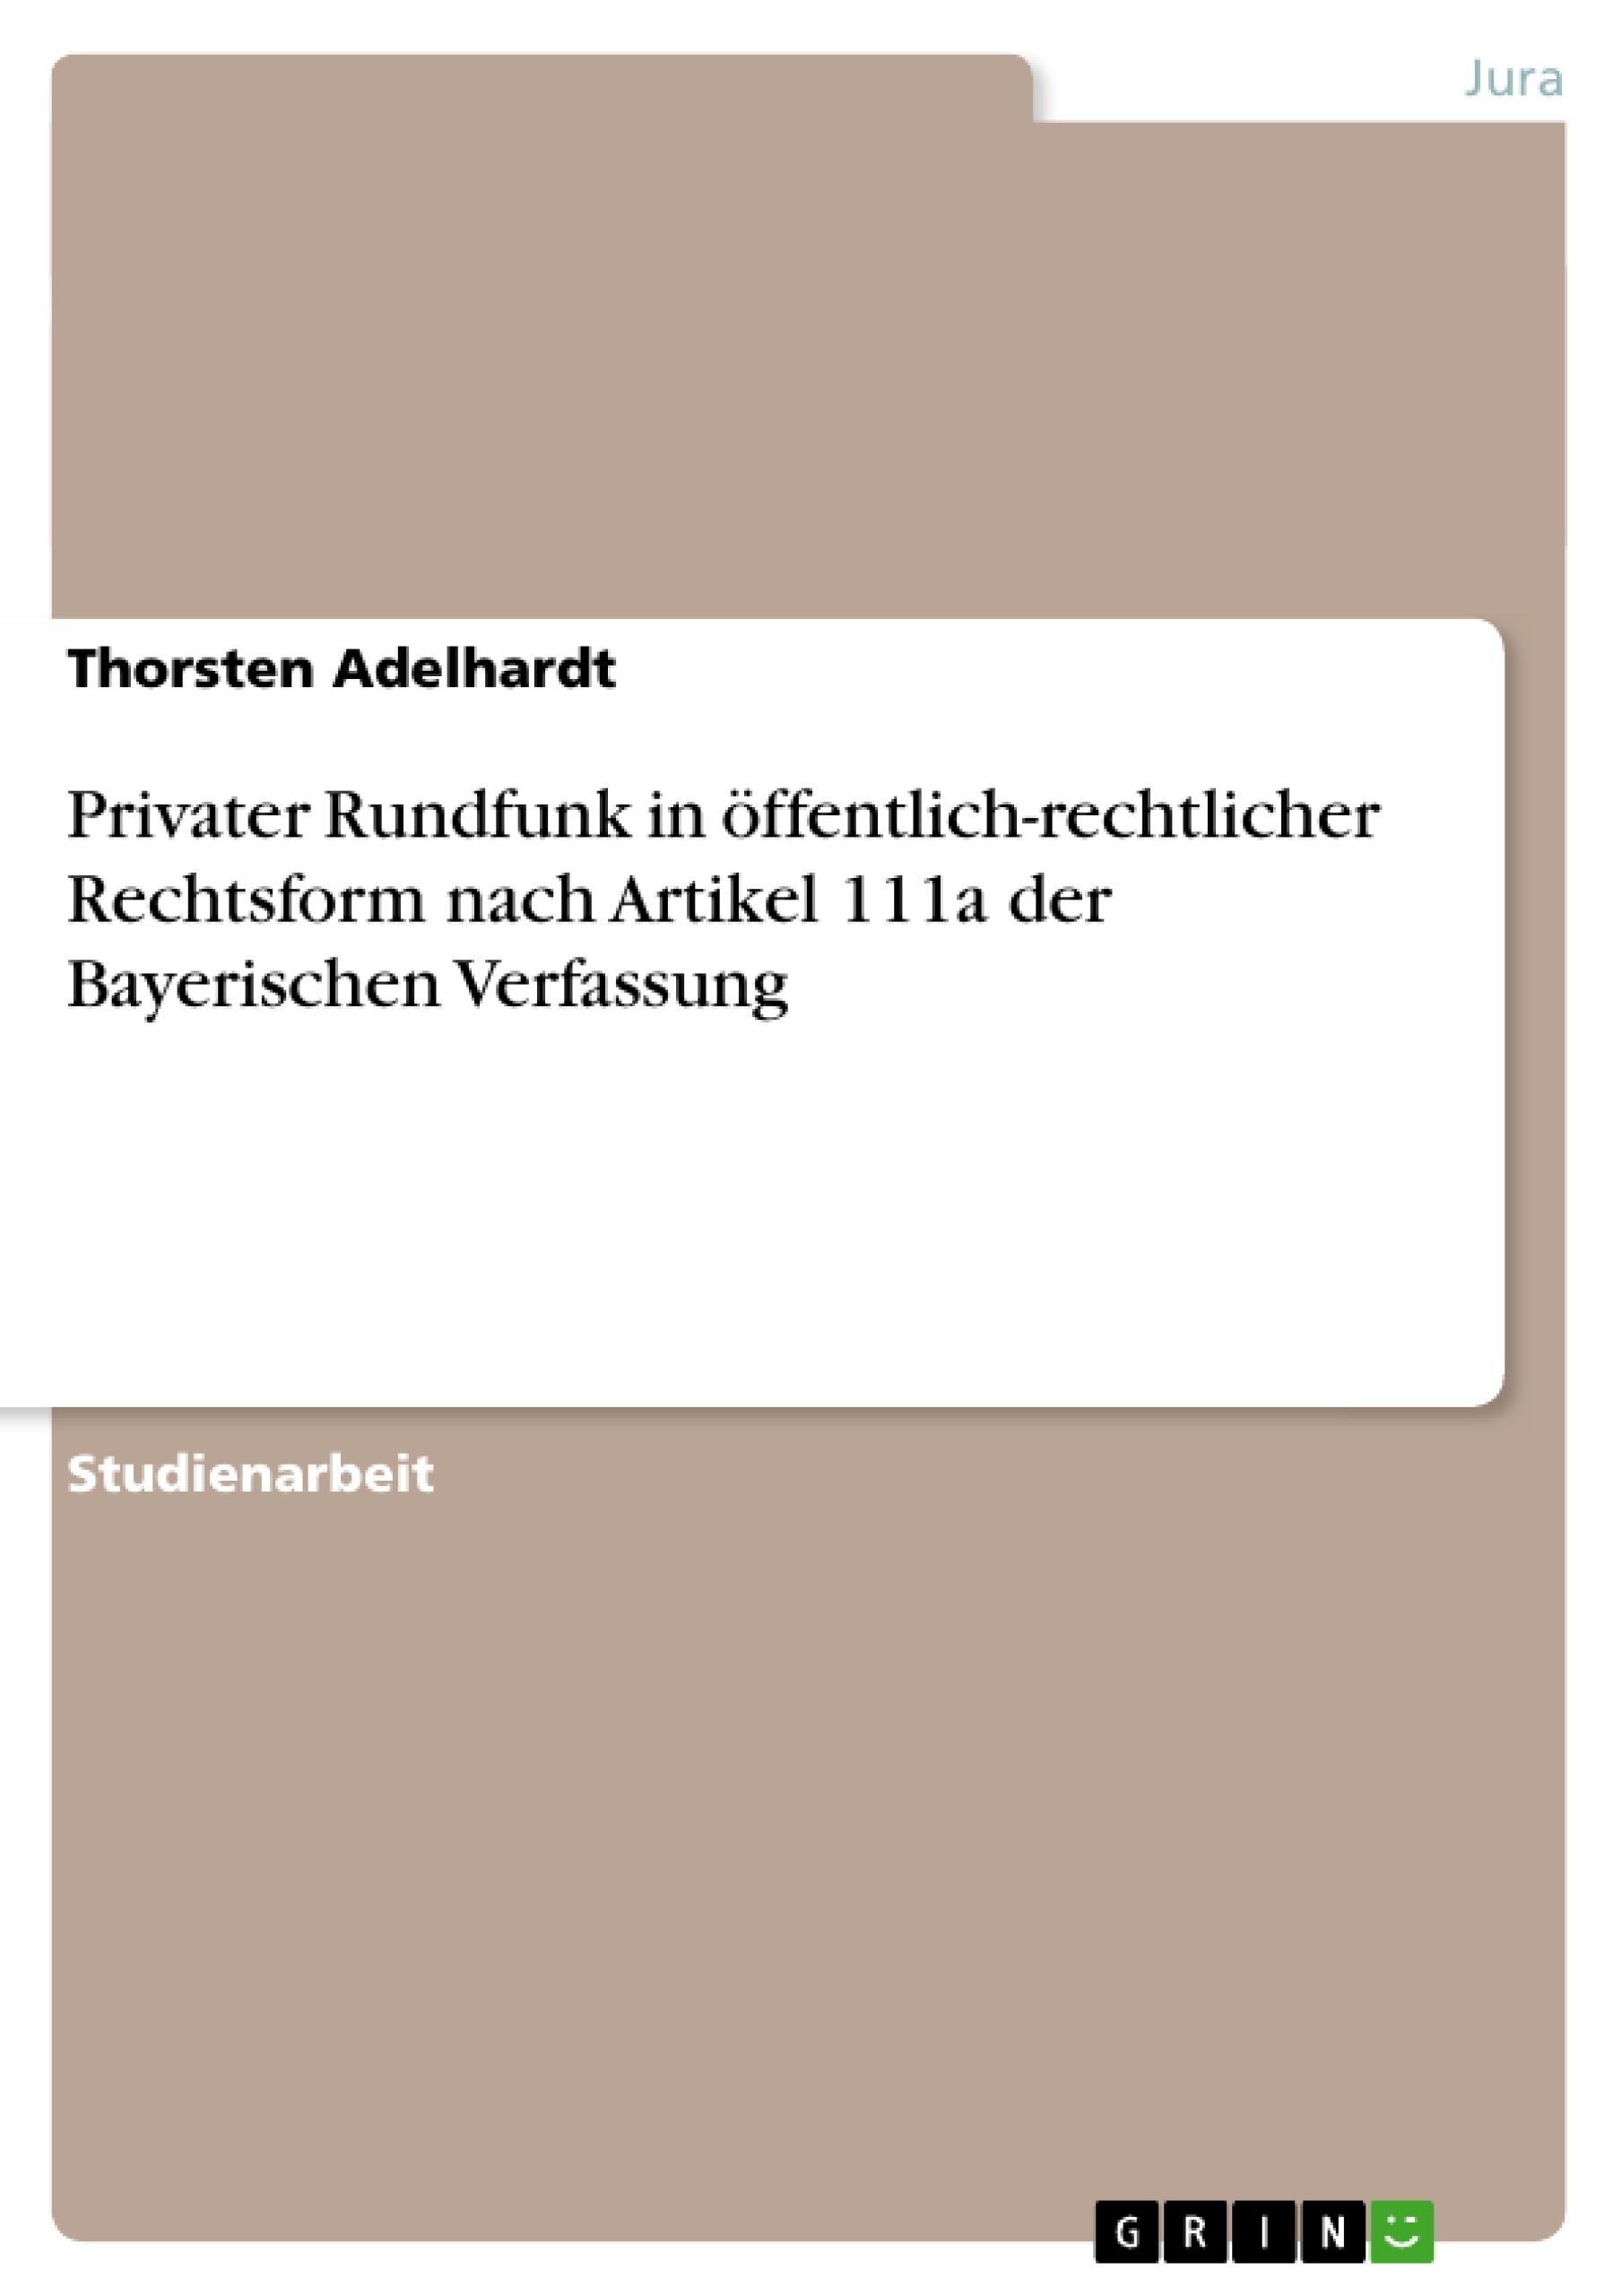 Titel: Privater Rundfunk in öffentlich-rechtlicher Rechtsform nach Artikel 111a der Bayerischen Verfassung